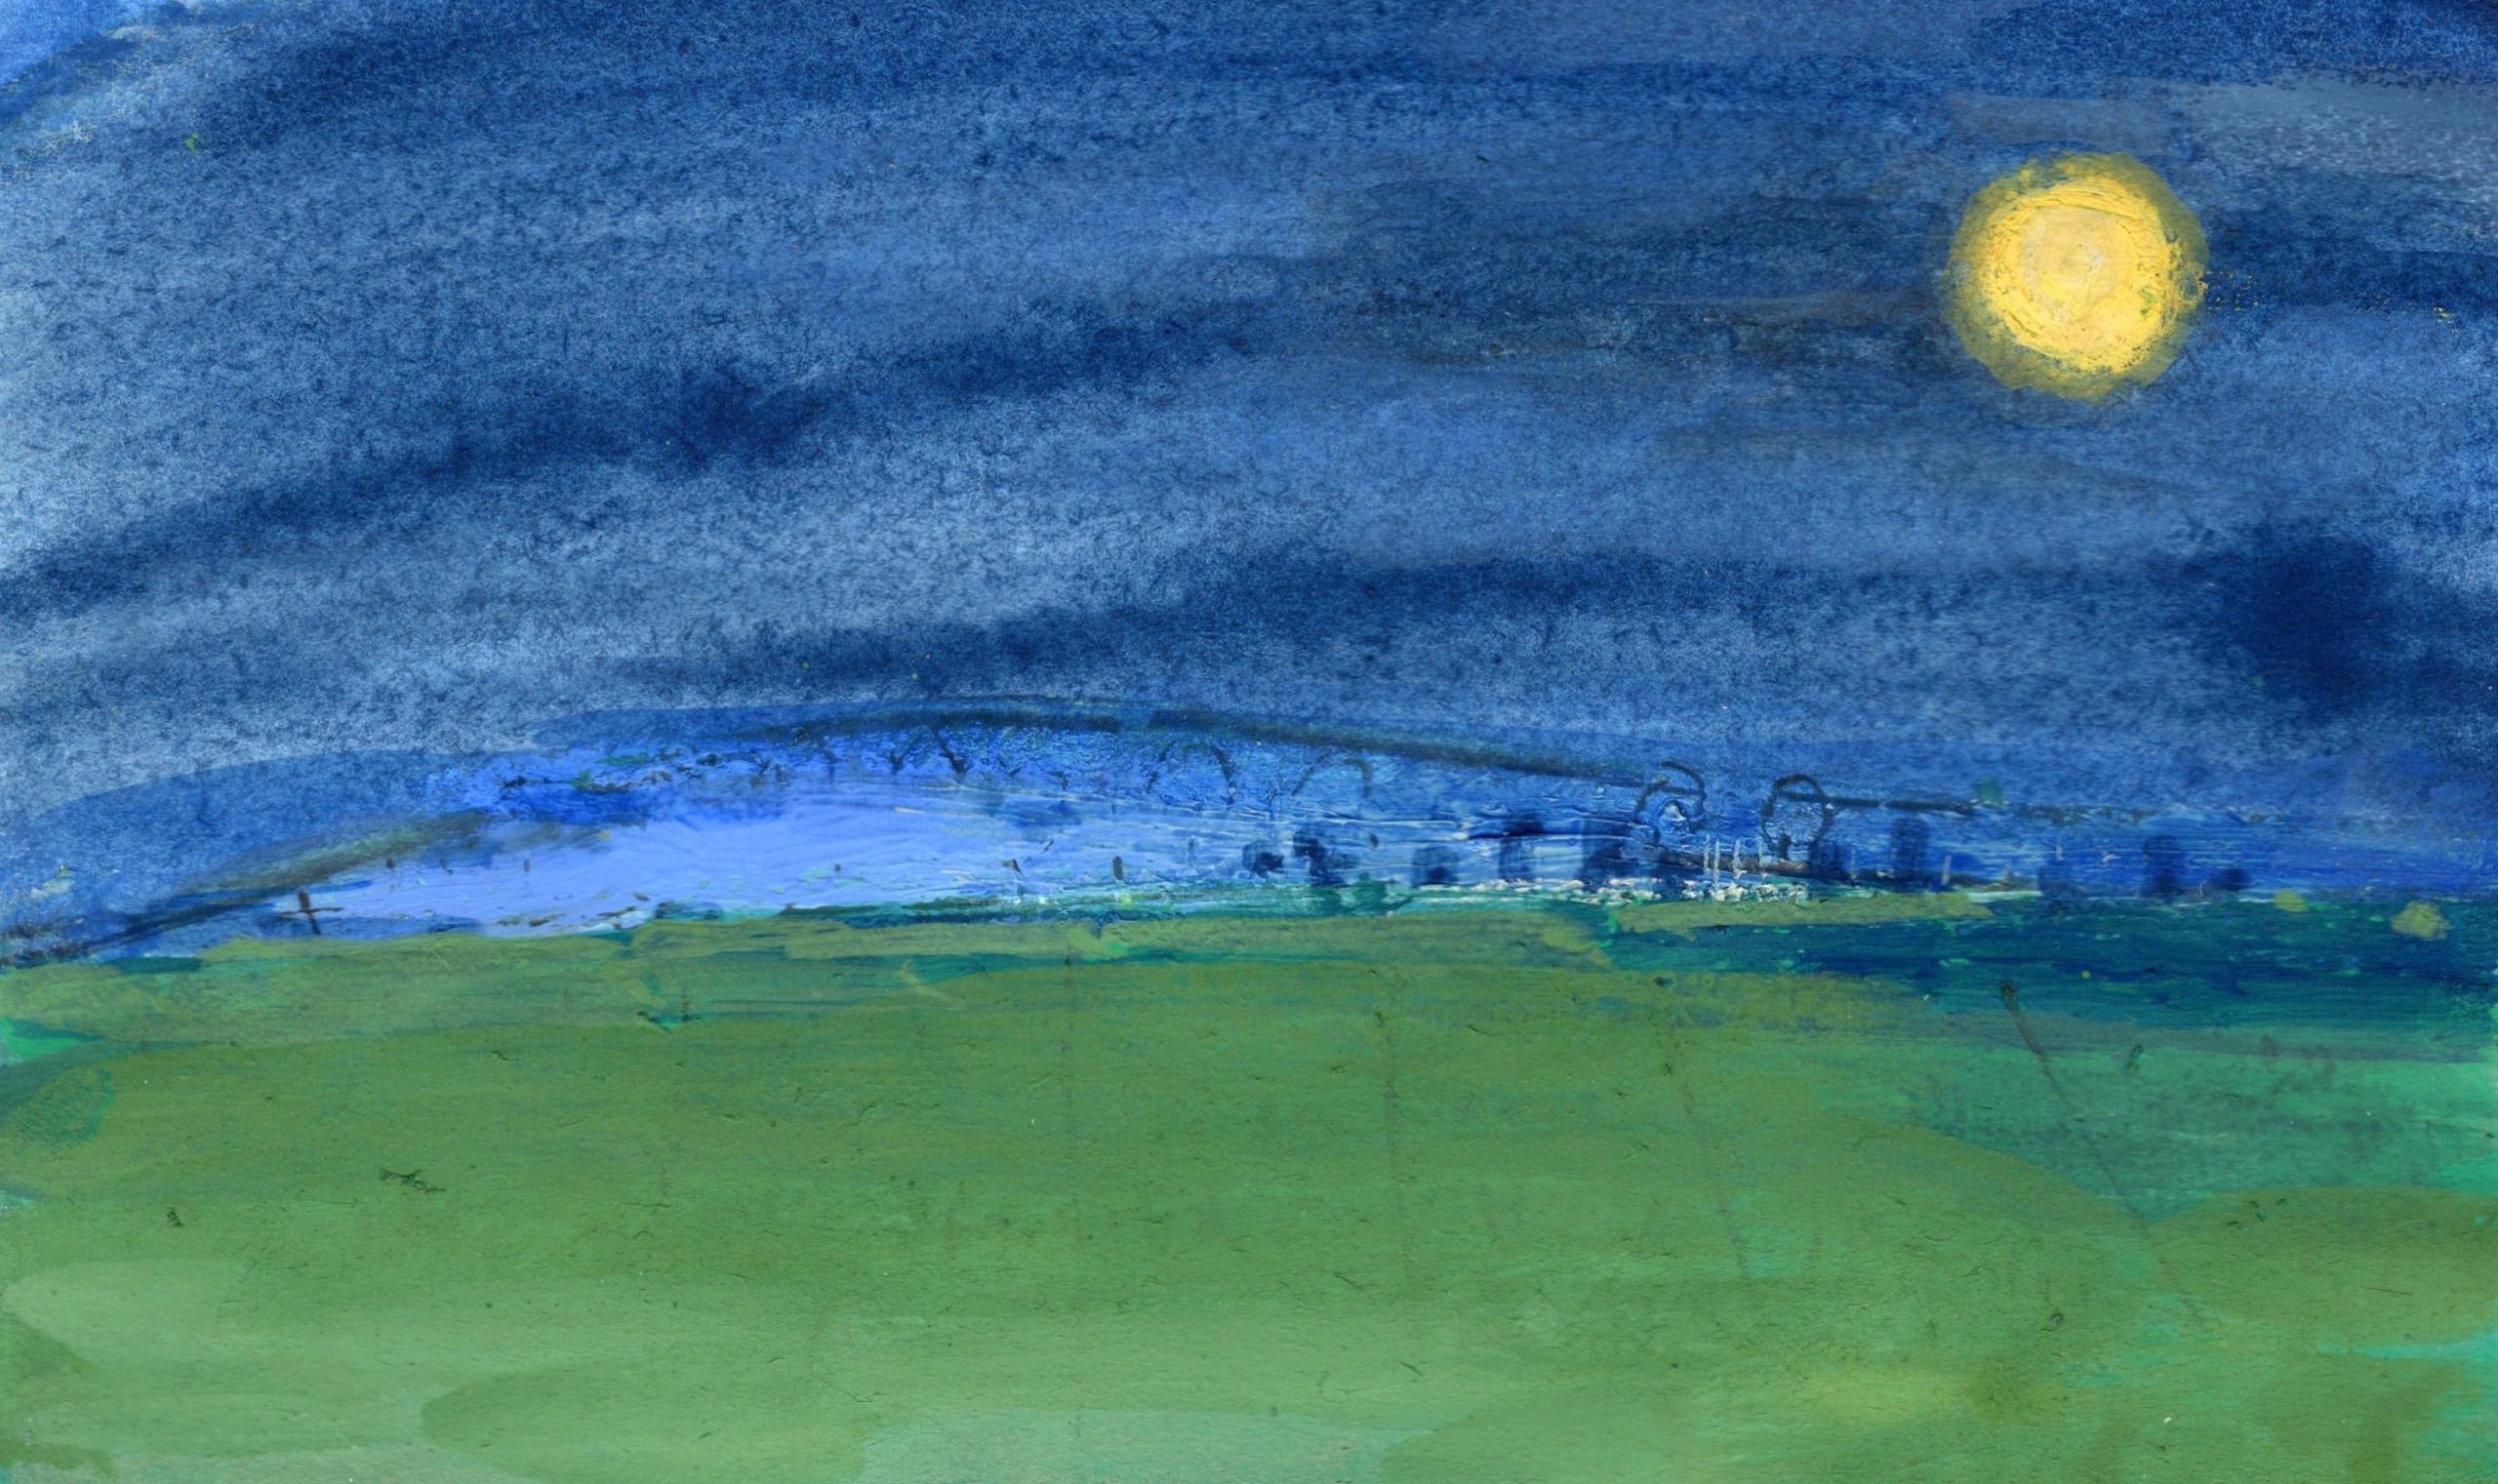 【朧月夜/がきえとかっちん】アートワークby浜あずさ(Hama Azusa)